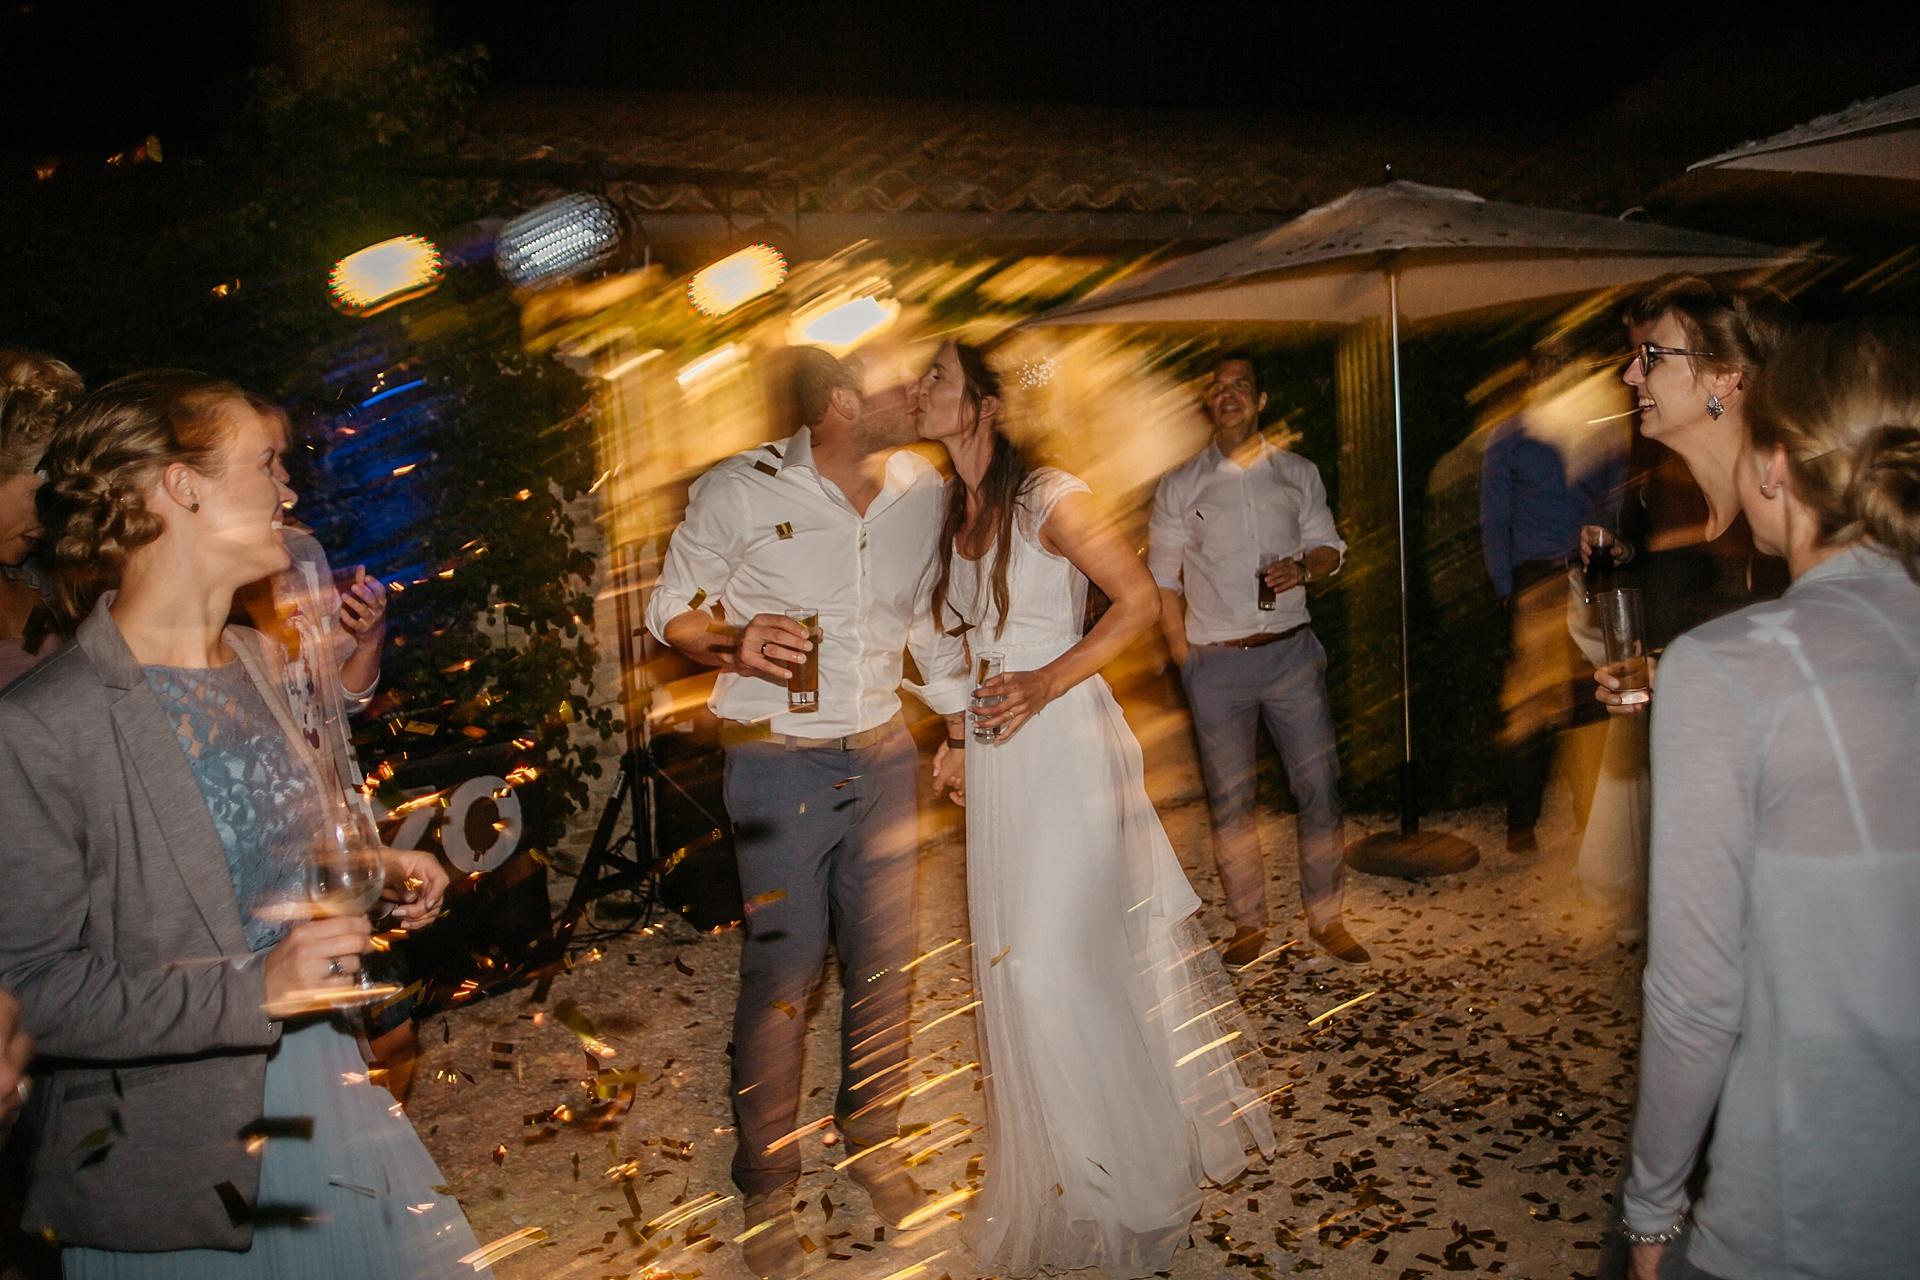 Traumhafte Hochzeit in der Provence. Partytime.